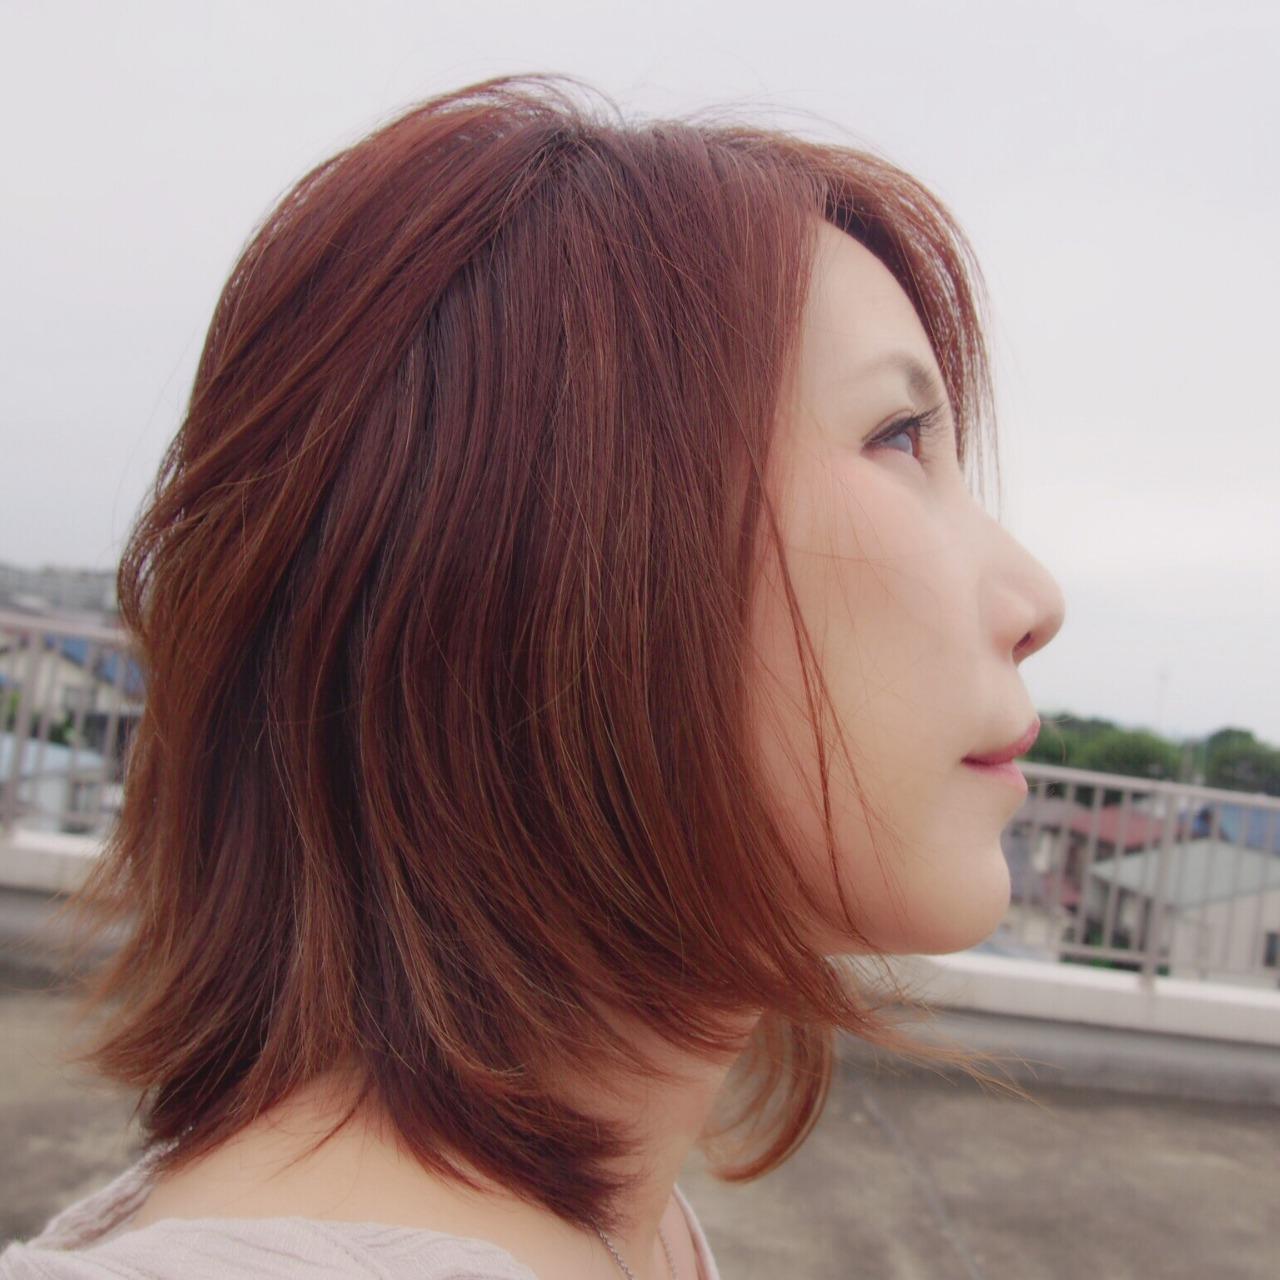 東京・渋谷占いなら、渋谷で当たると評判の占い館BCAFE(ビーカフェ)渋谷店の『マザー美宙先生』がおすすめ!店舗での対面鑑定はもちろん、オンライン鑑定(リモート鑑定)でも予約可能です